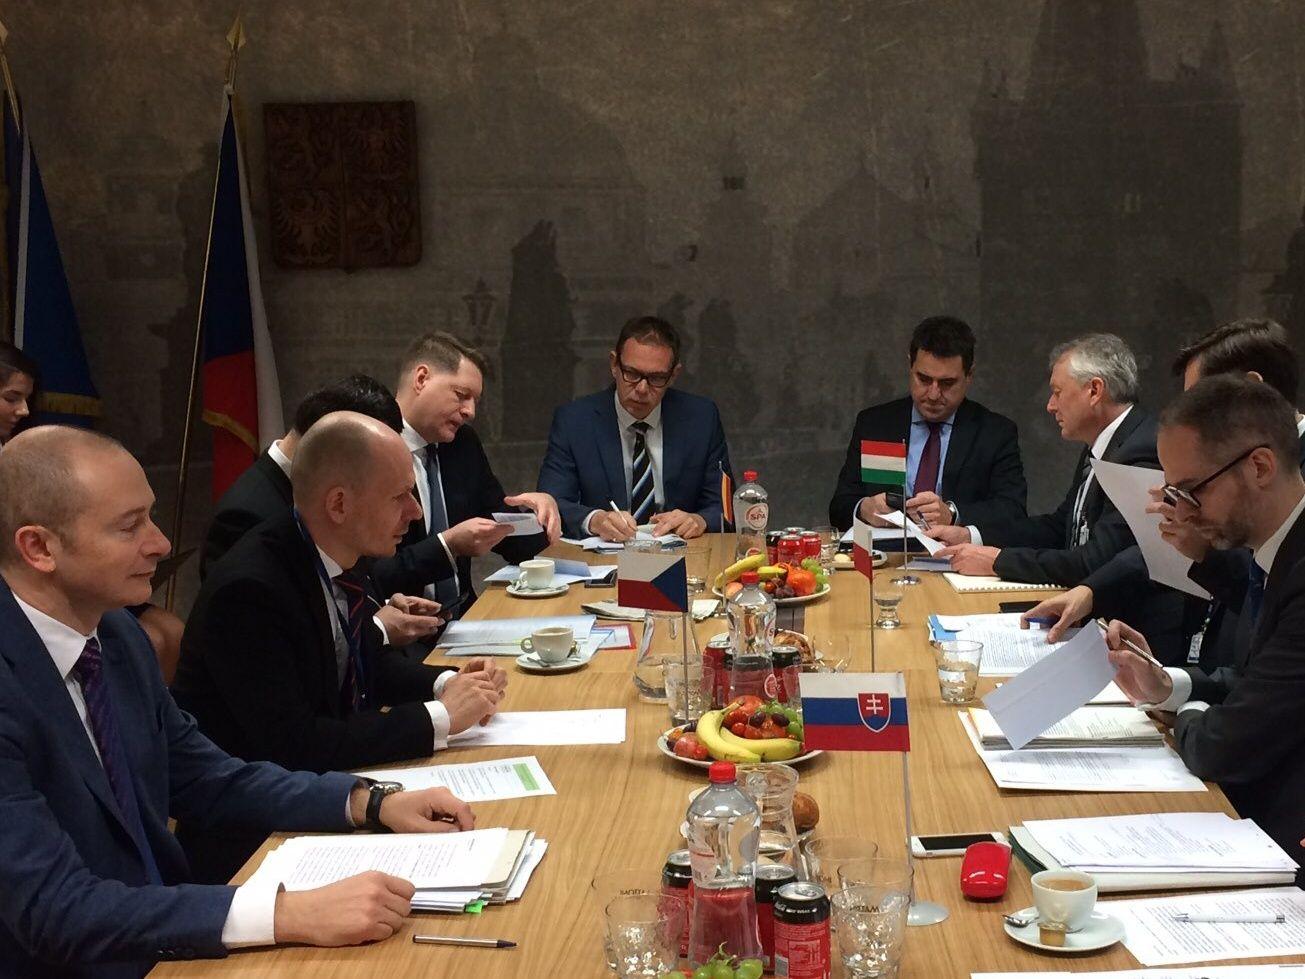 Ministři EU diskutovali o uhlíkové neutralitě a lepší kvalitě ovzduší